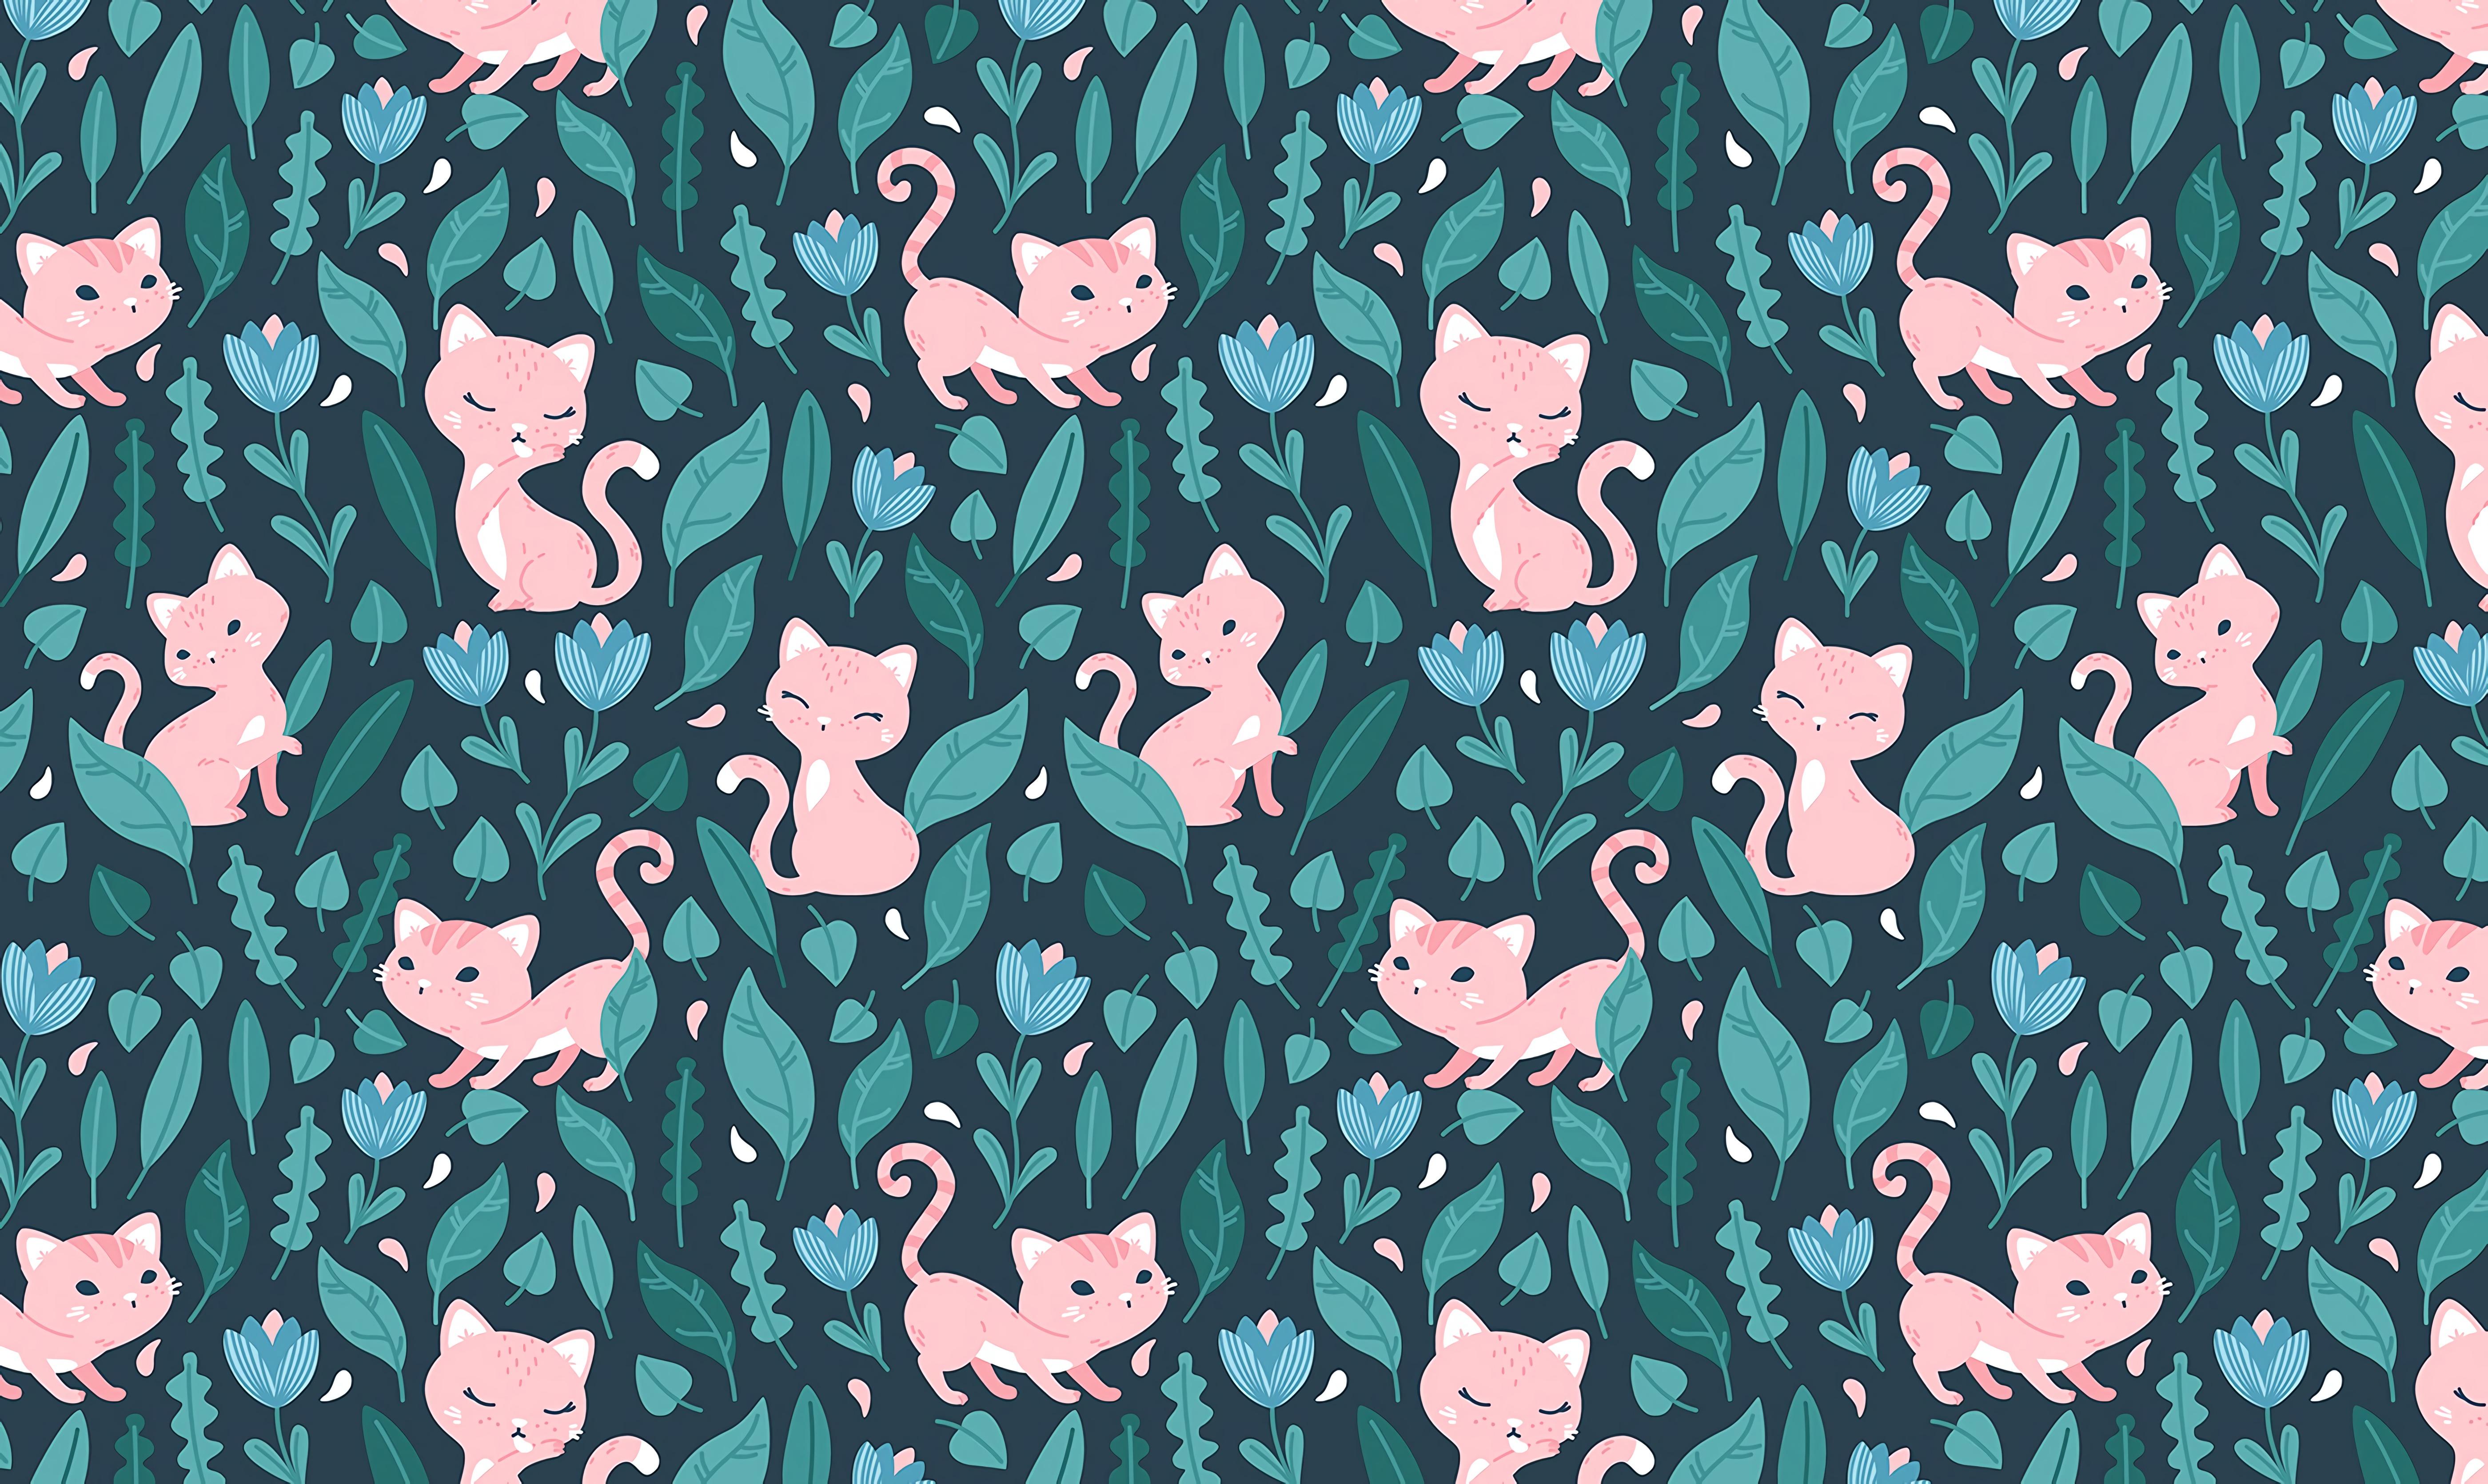 103526 скачать обои Текстуры, Кошка, Милый, Листья, Паттерн, Цветы - заставки и картинки бесплатно